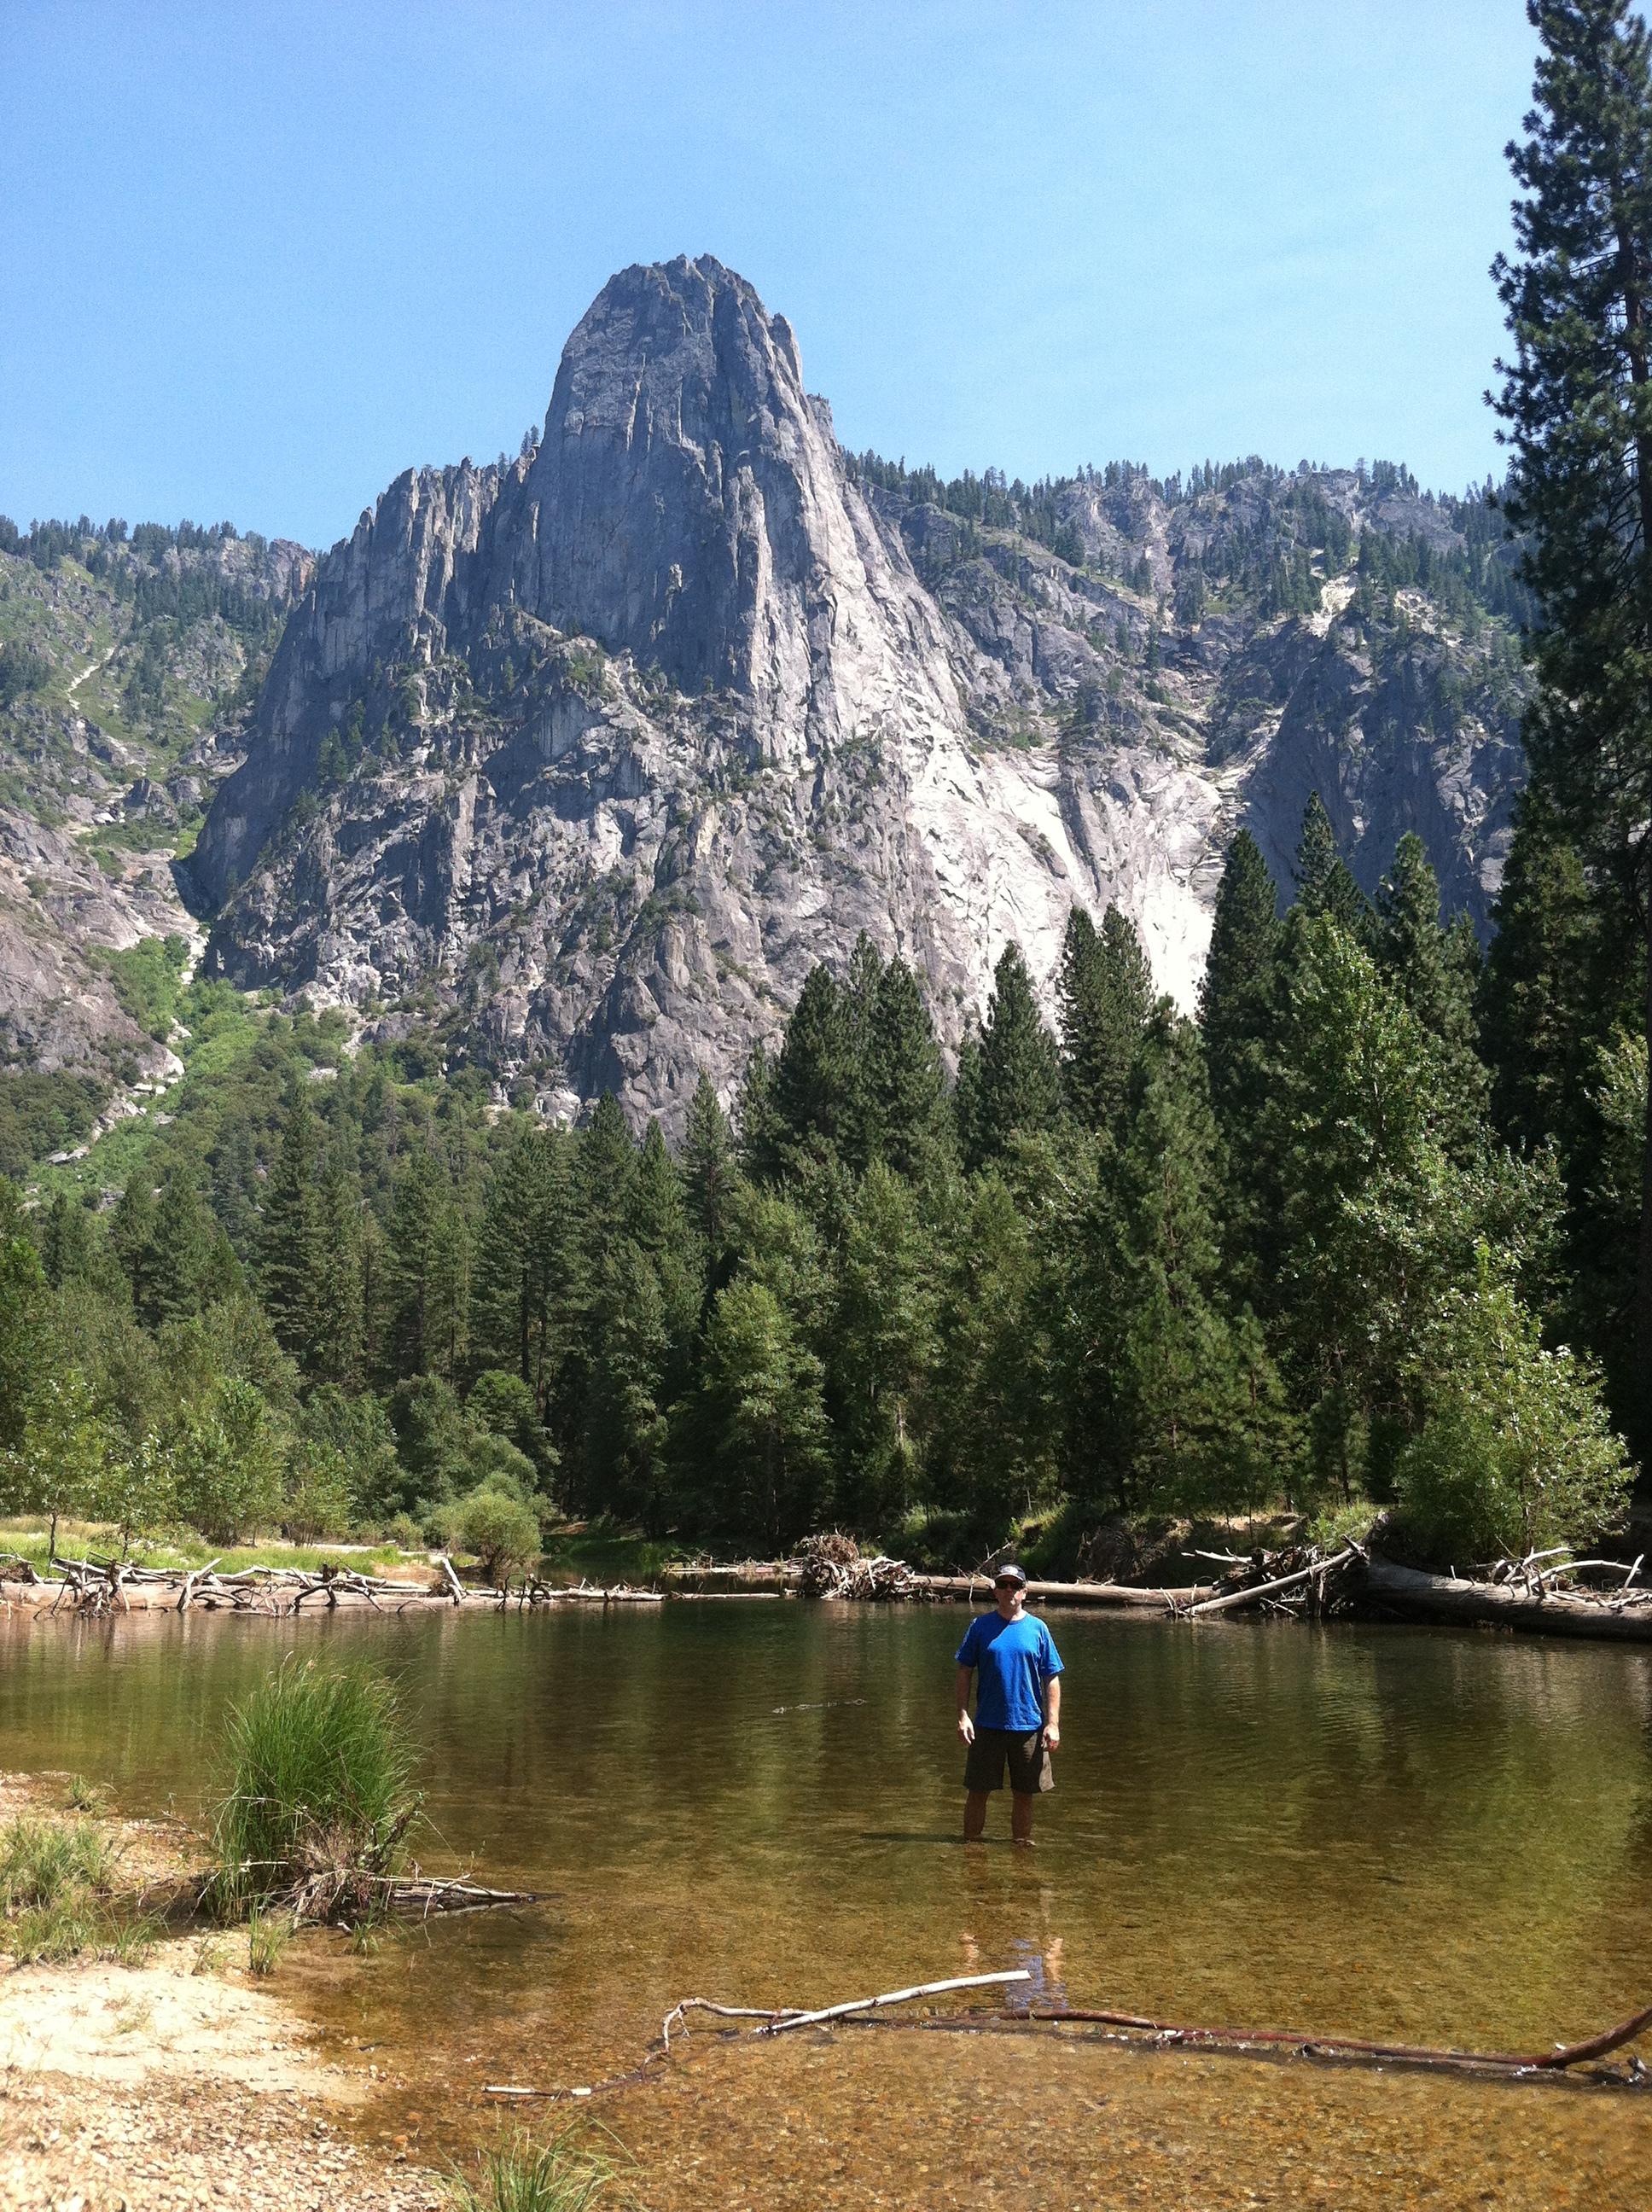 Wading after hiking at Yosemite